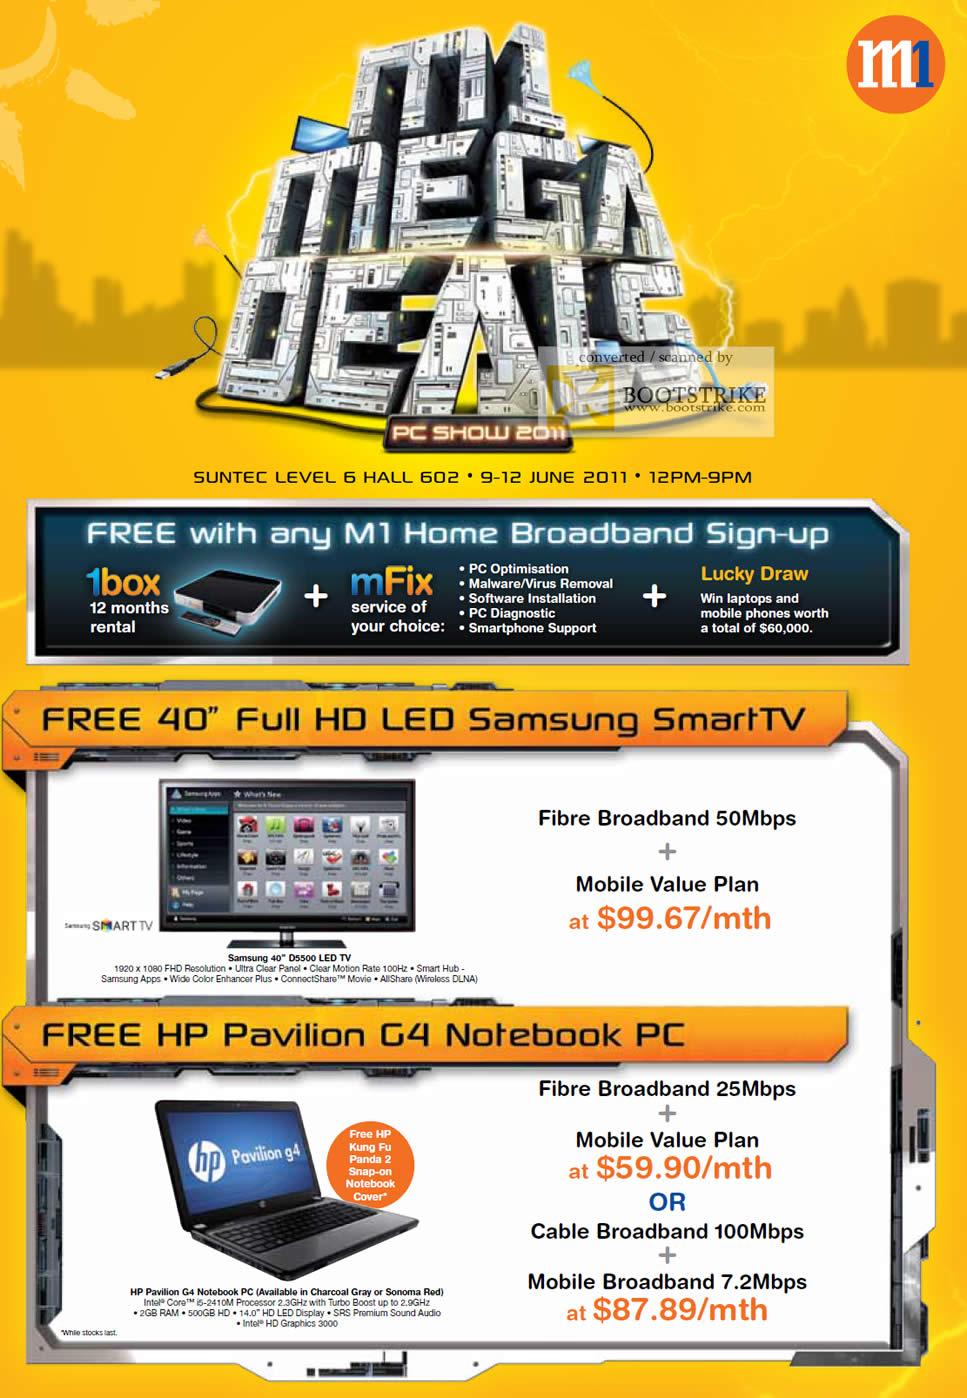 m1 deals free samsung d5500 led tv hp pavilion g4 notebook fibre broadband mobile value plan. Black Bedroom Furniture Sets. Home Design Ideas